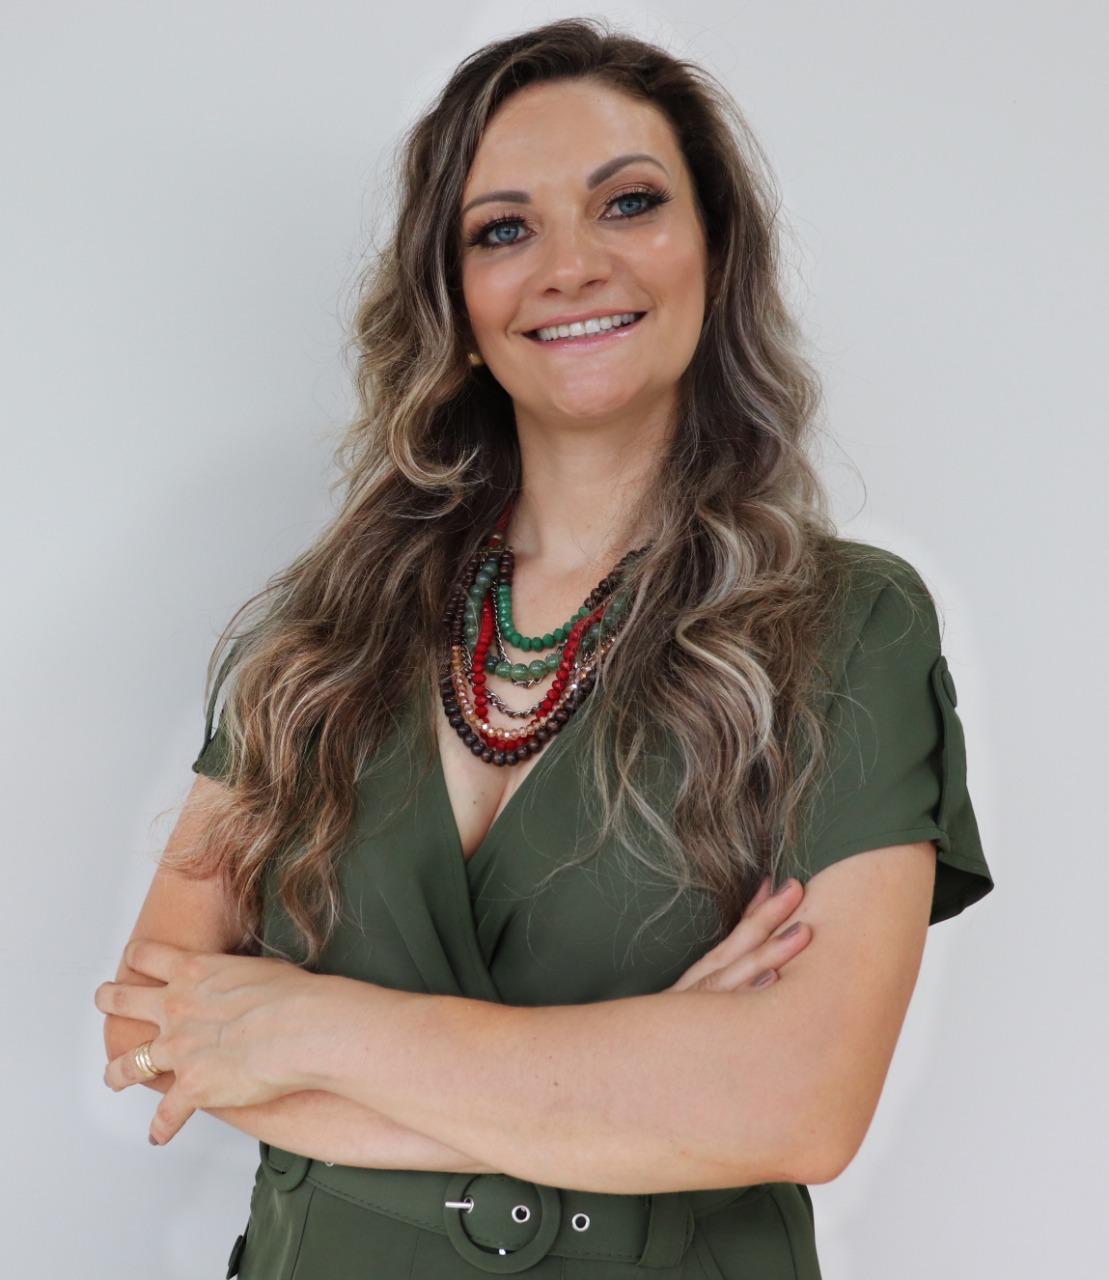 Aline Scheuermann Juzwiak